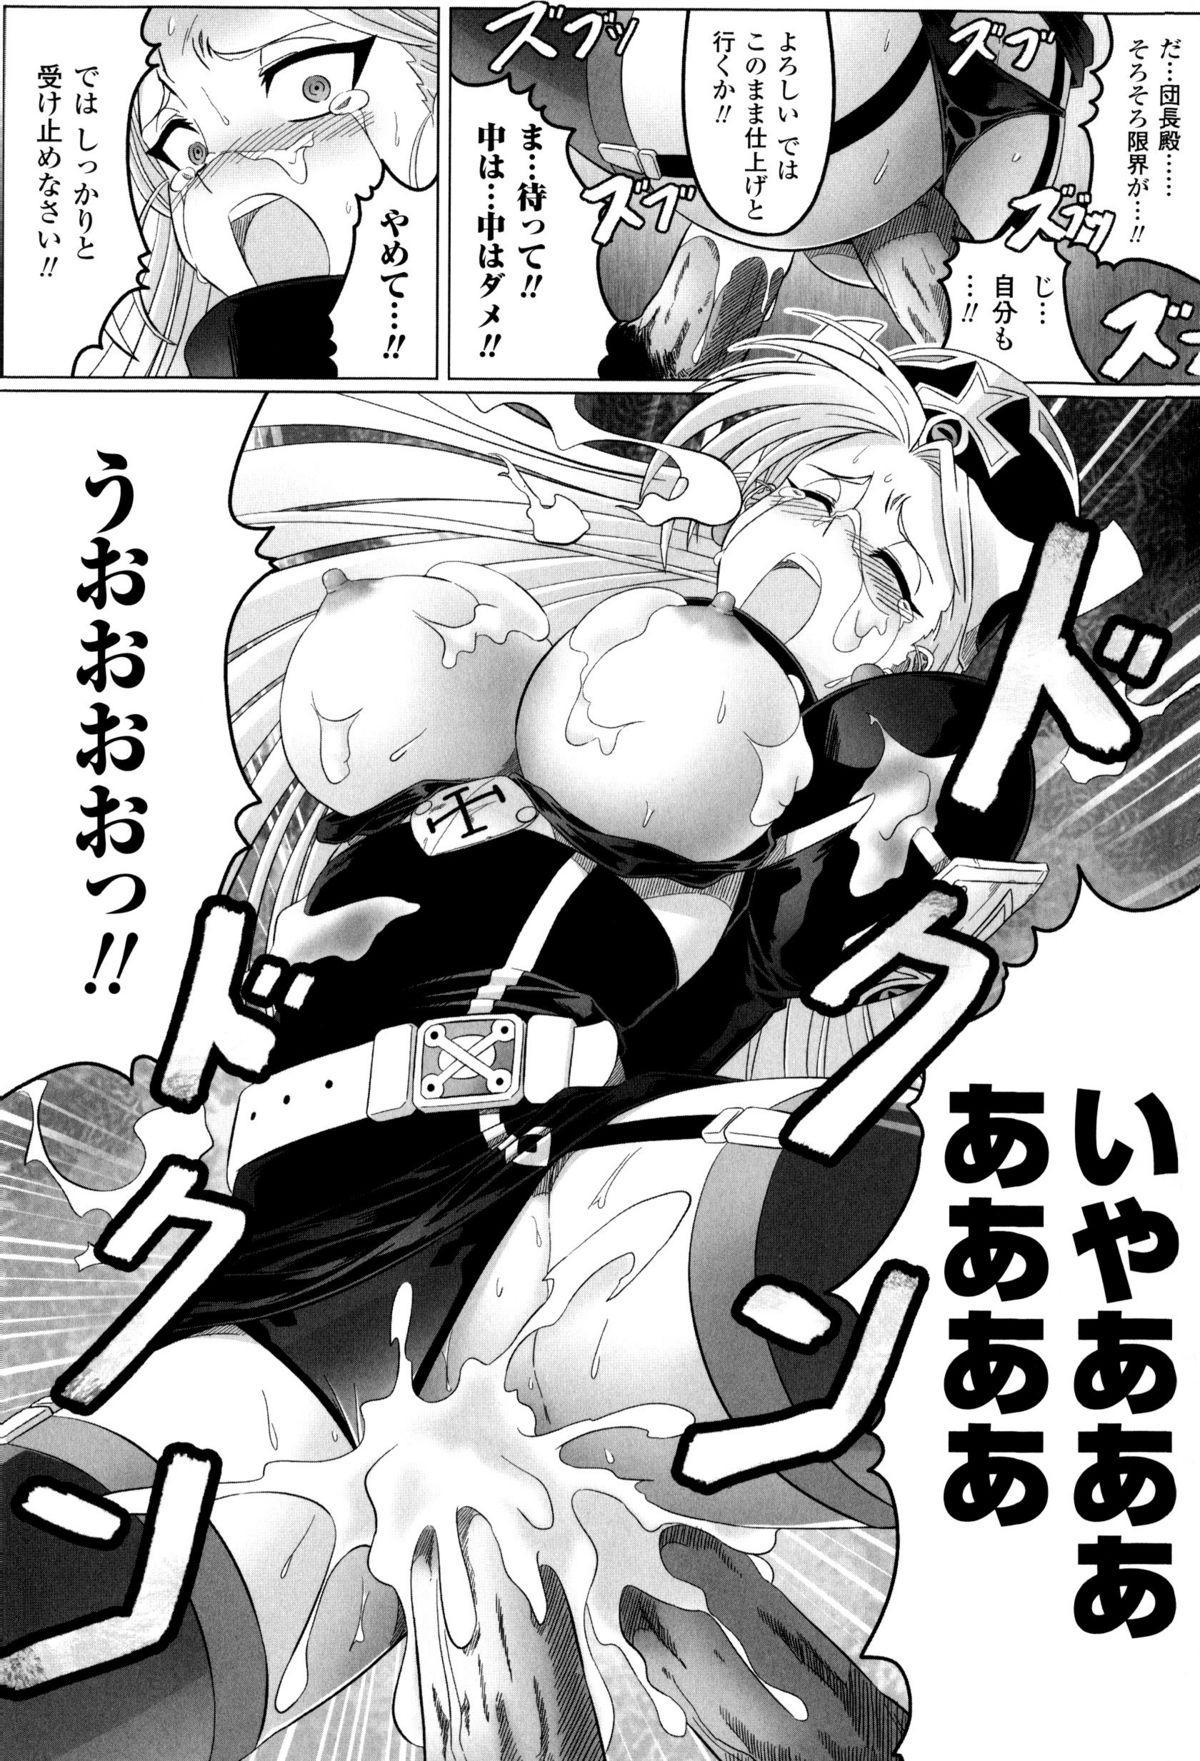 Toushin Engi Vol. 8 149